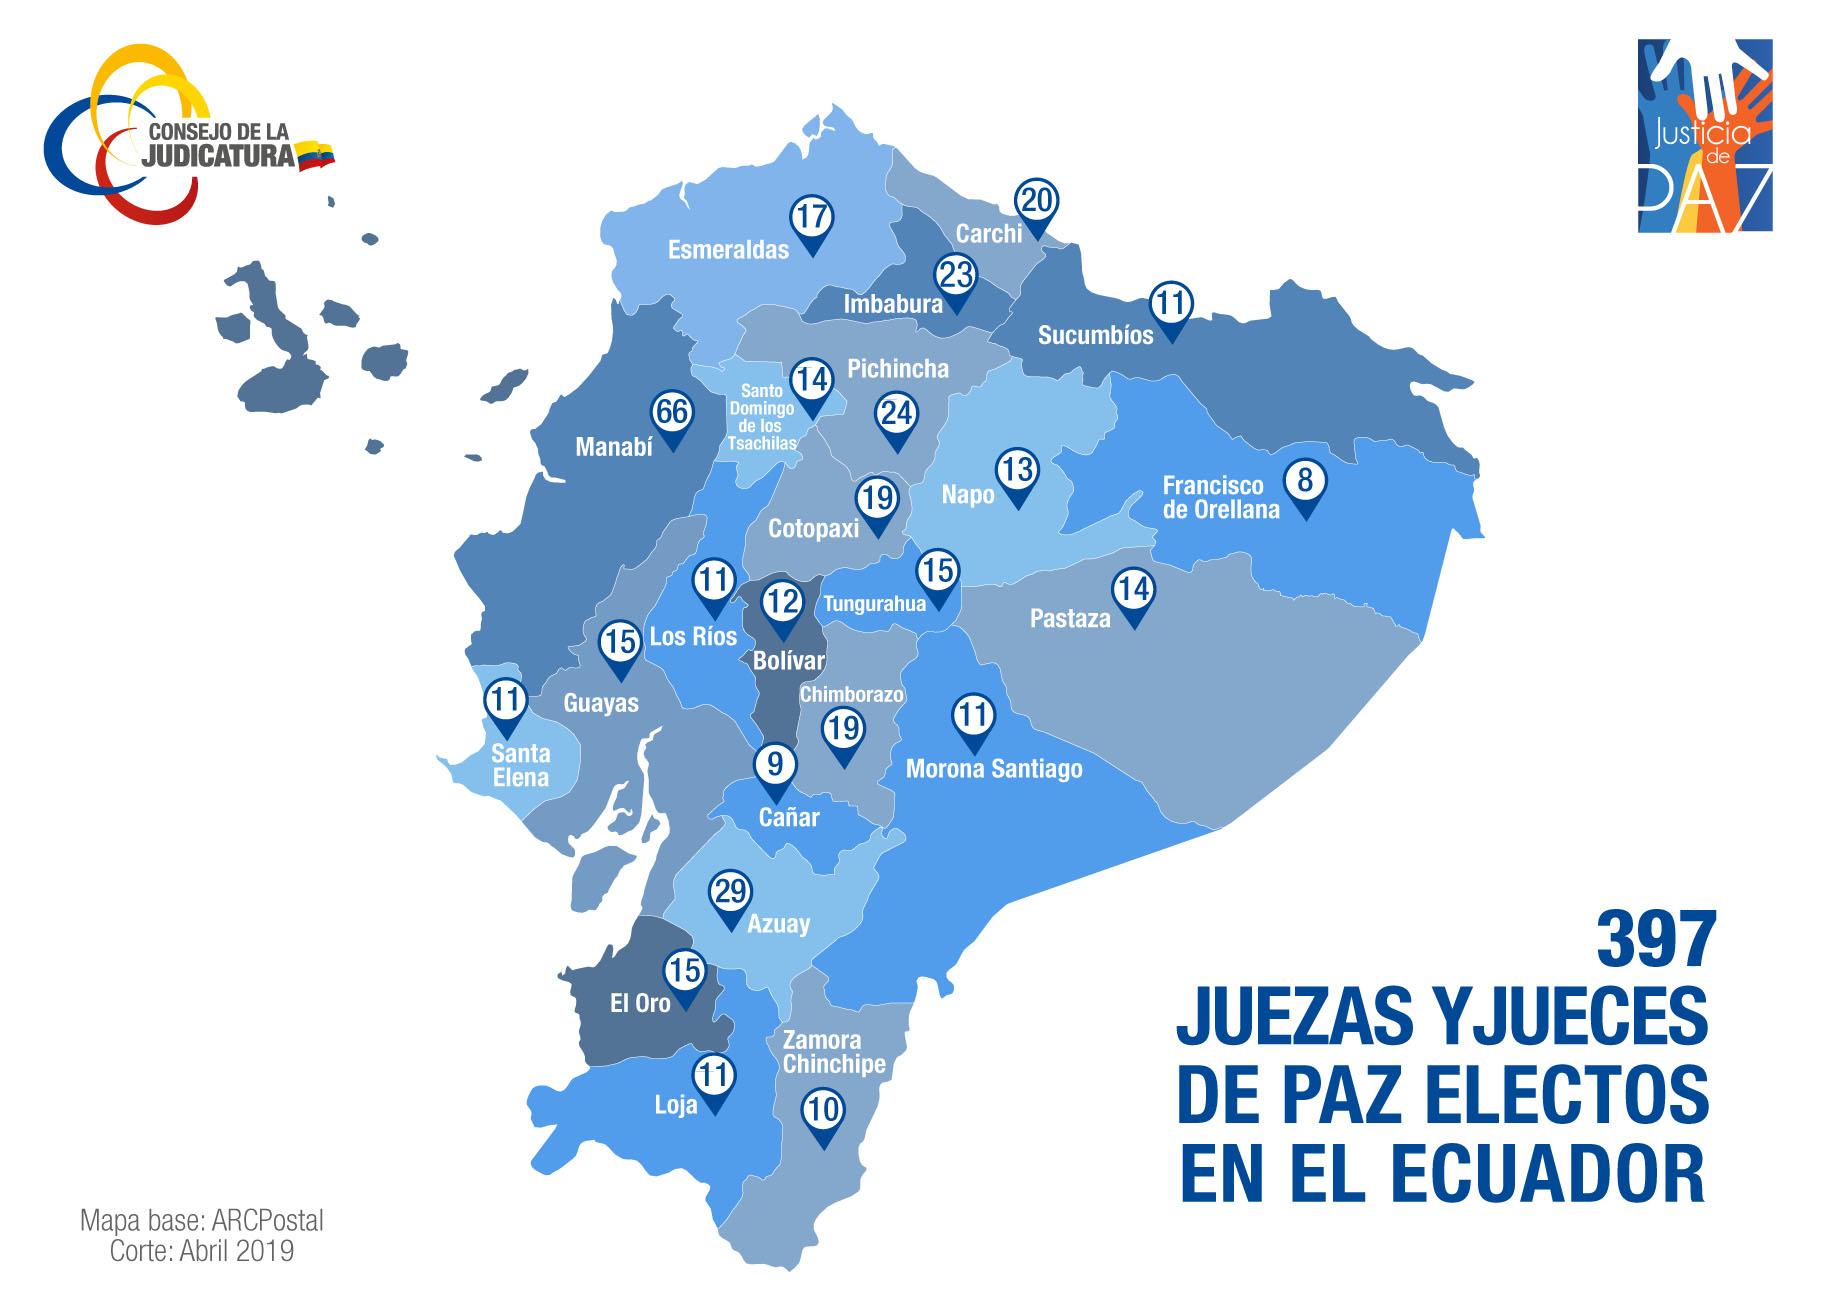 MAPA-NACIONAL-2019 JUSTICIA DE PAZ